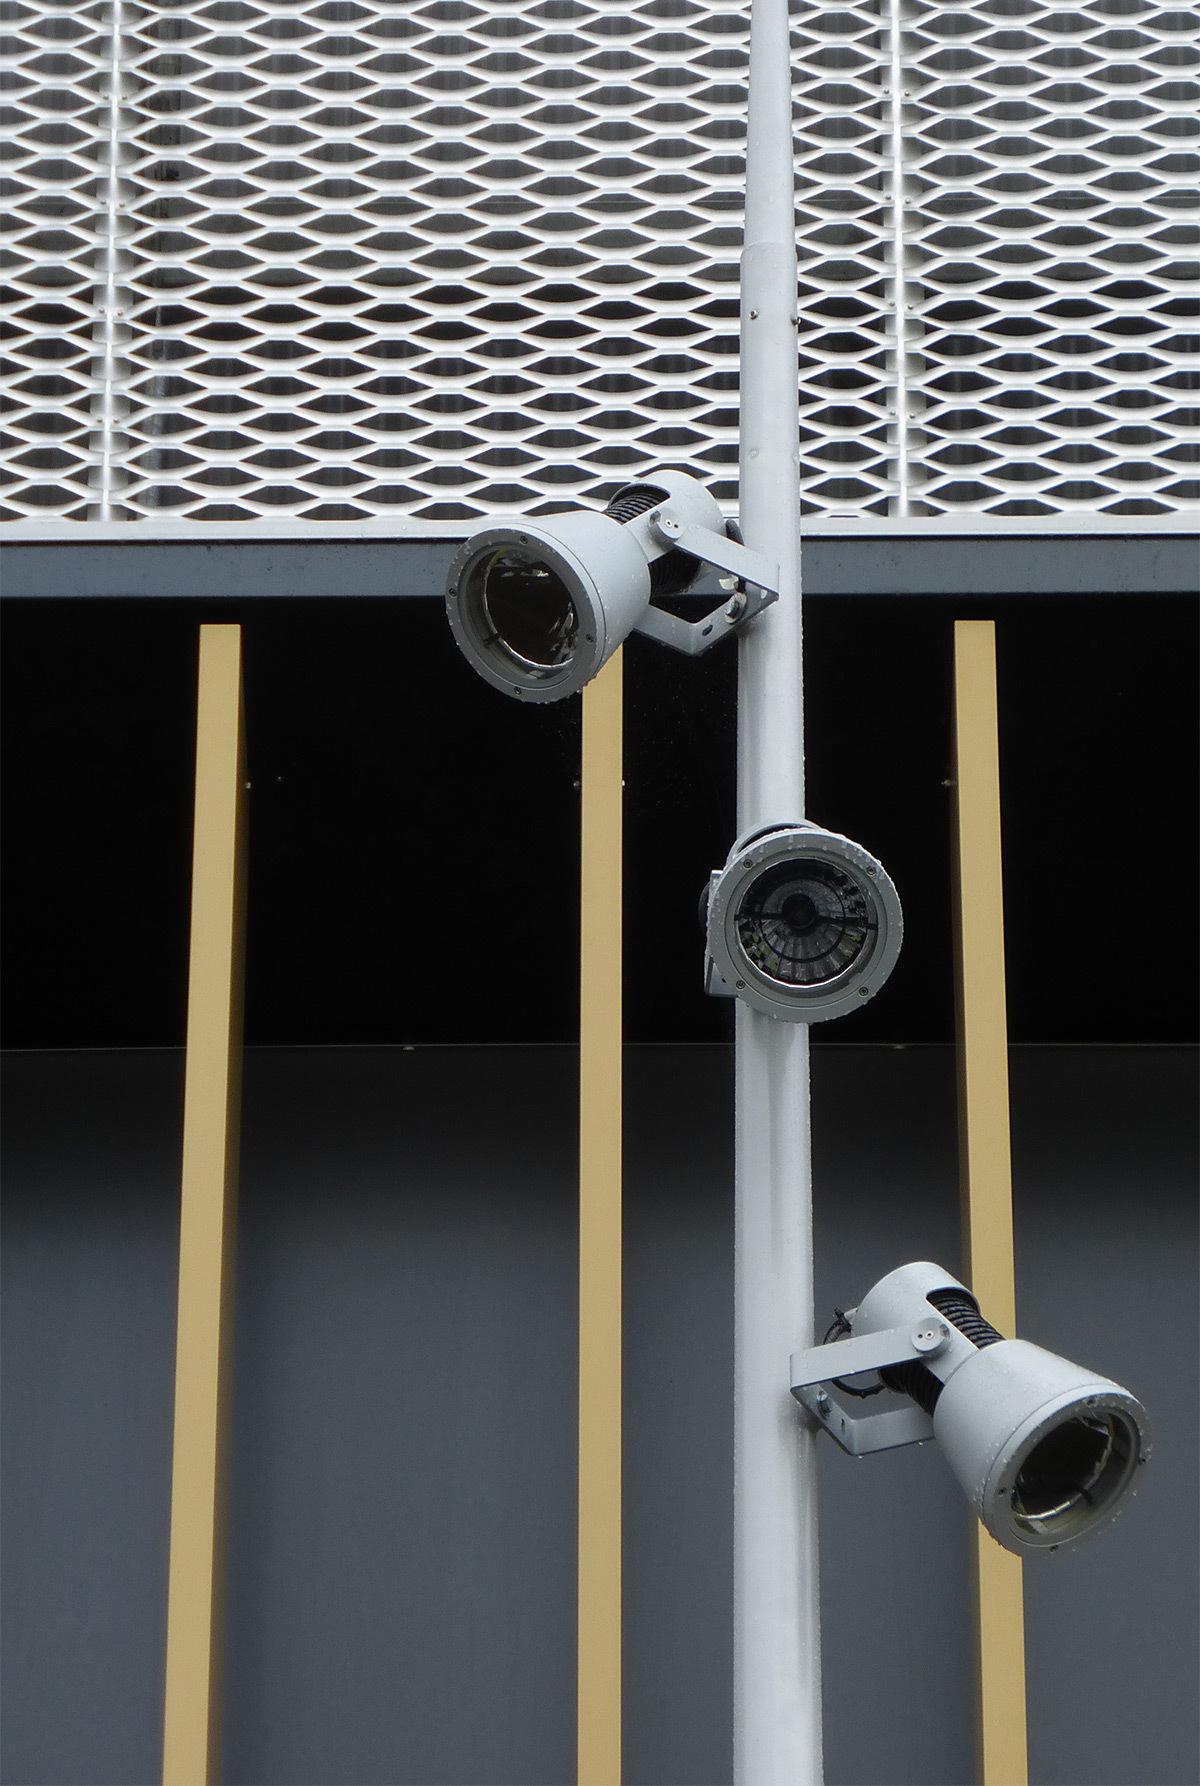 Eclairage par projecteur du parvis - Salle sportive métropolitaine de Nantes Métropole, Rezé, France - Architectes Chaix & Morel et Associés - Photo Vincent Laganier